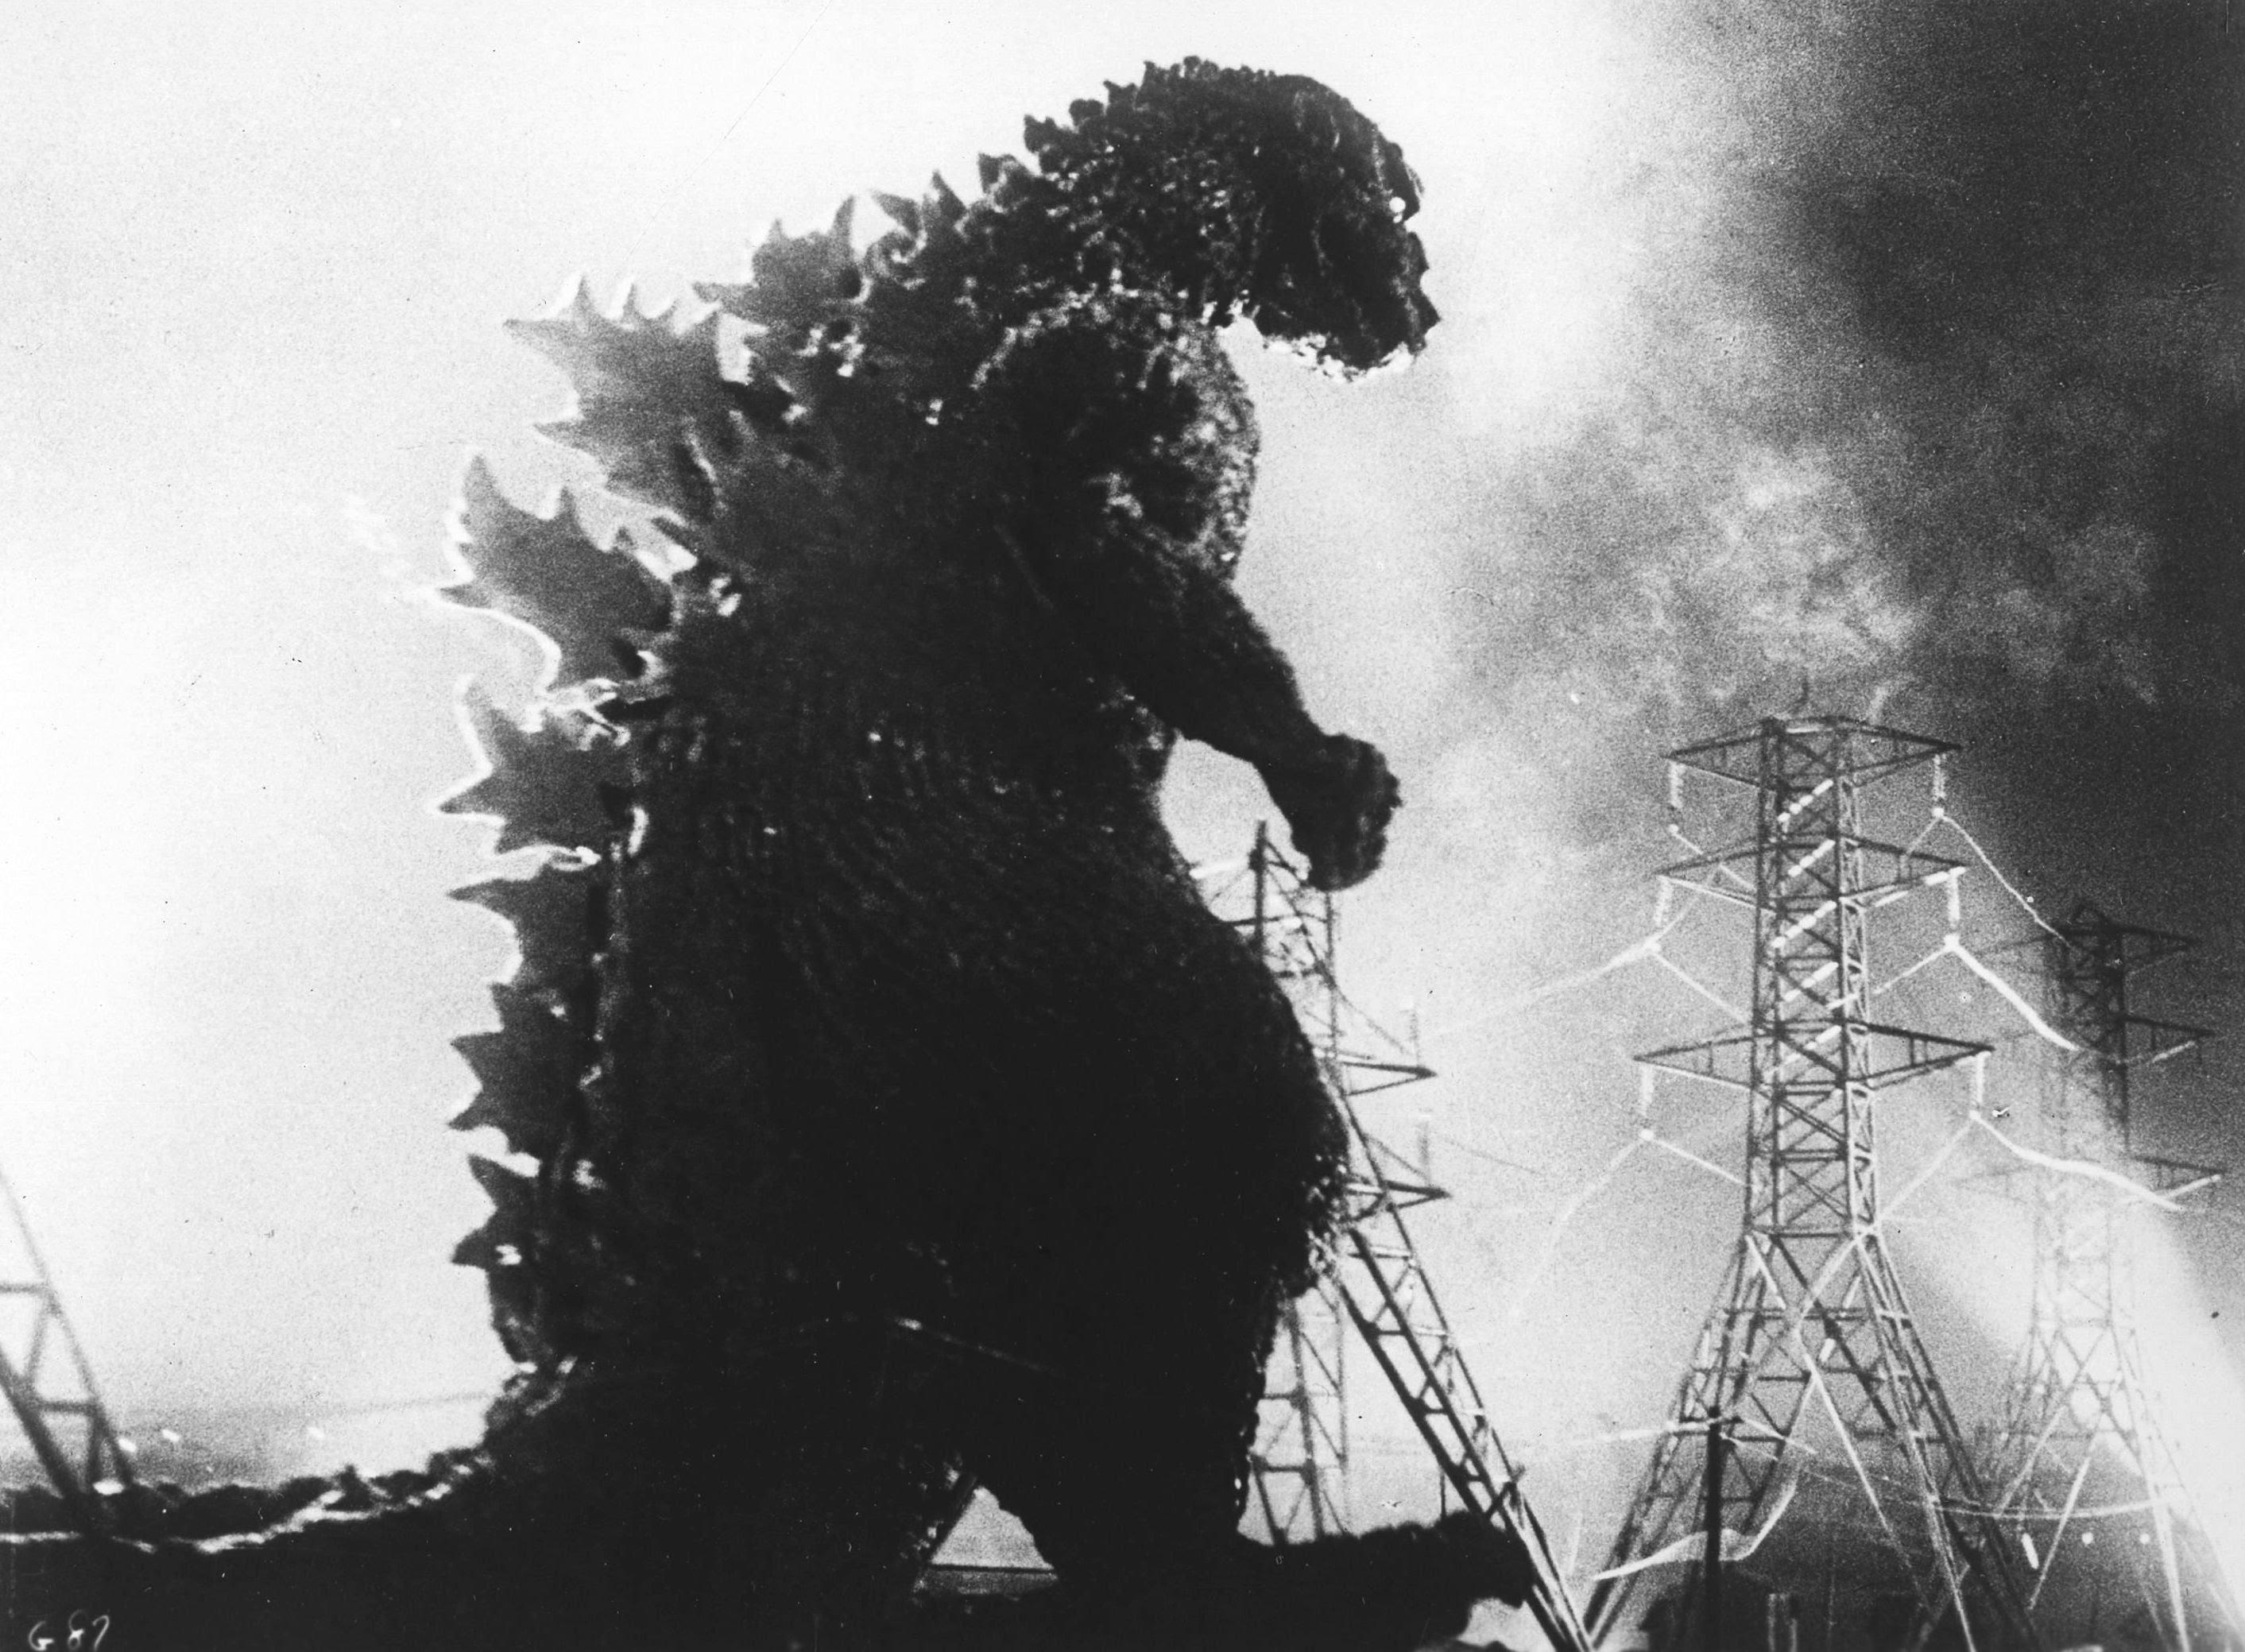 Arquivo:Godzilla 1954.jpg